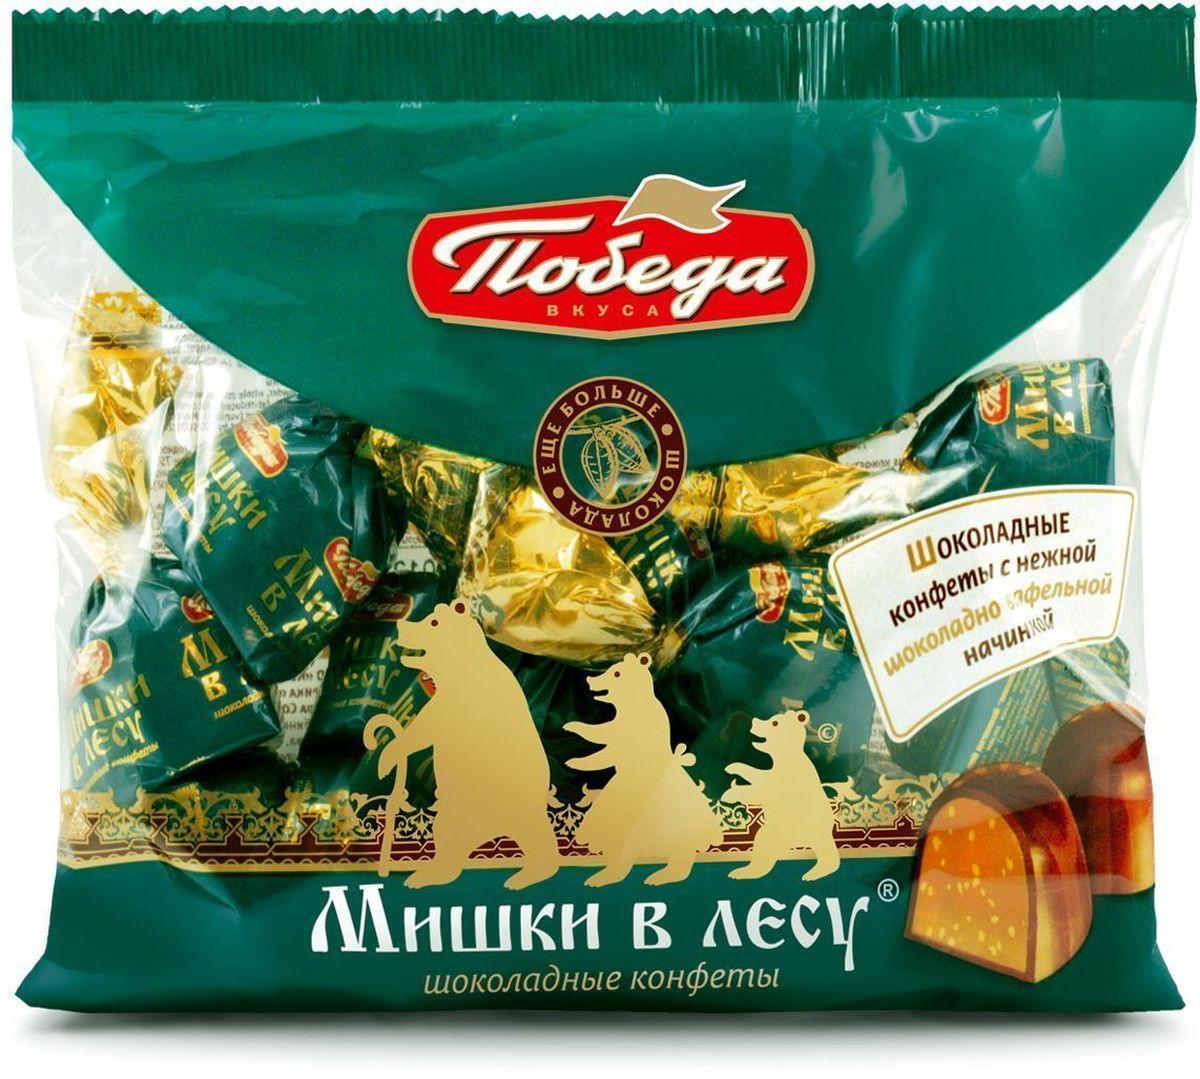 Победа вкуса Мишки в лесу шоколадные конфеты с шоколадно-вафельной начинкой, 250 г0120710Гармоничная композиция с мягкой молочно-шоколадной начинкой, хрустящим криспом в окружении молочного шоколада. Для тех, кто ценит традиции и любит чаепитие в кругу семьи и друзей.